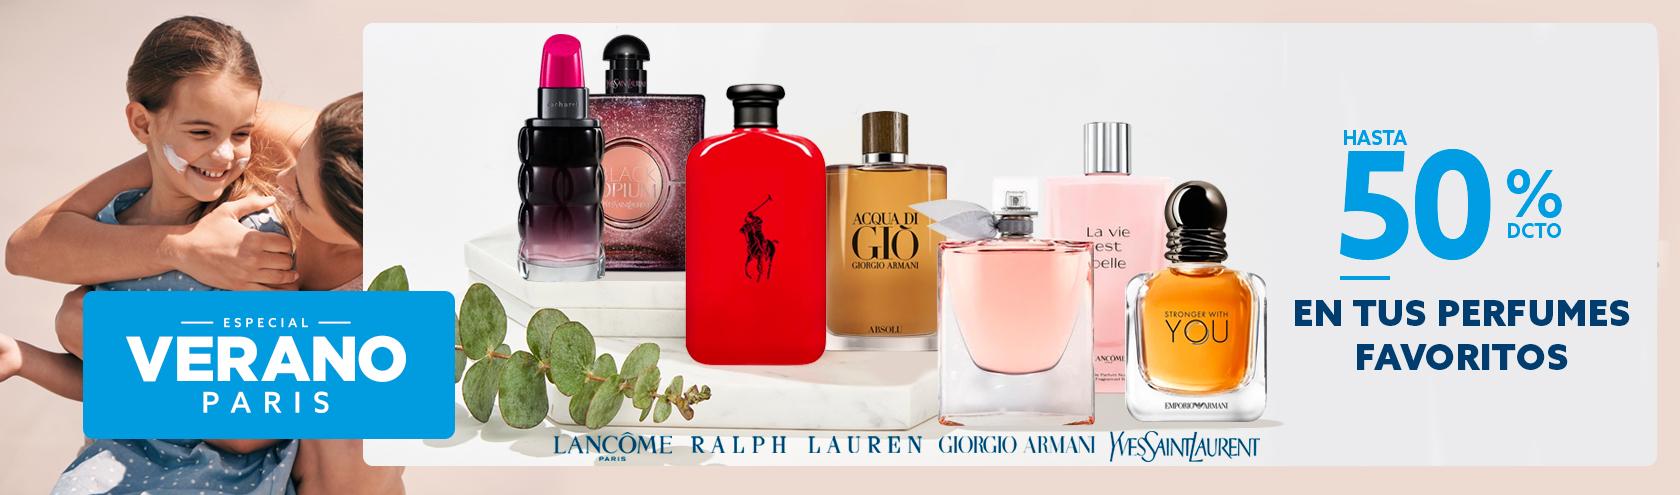 Refrescate con Tus Perfumes Favoritos